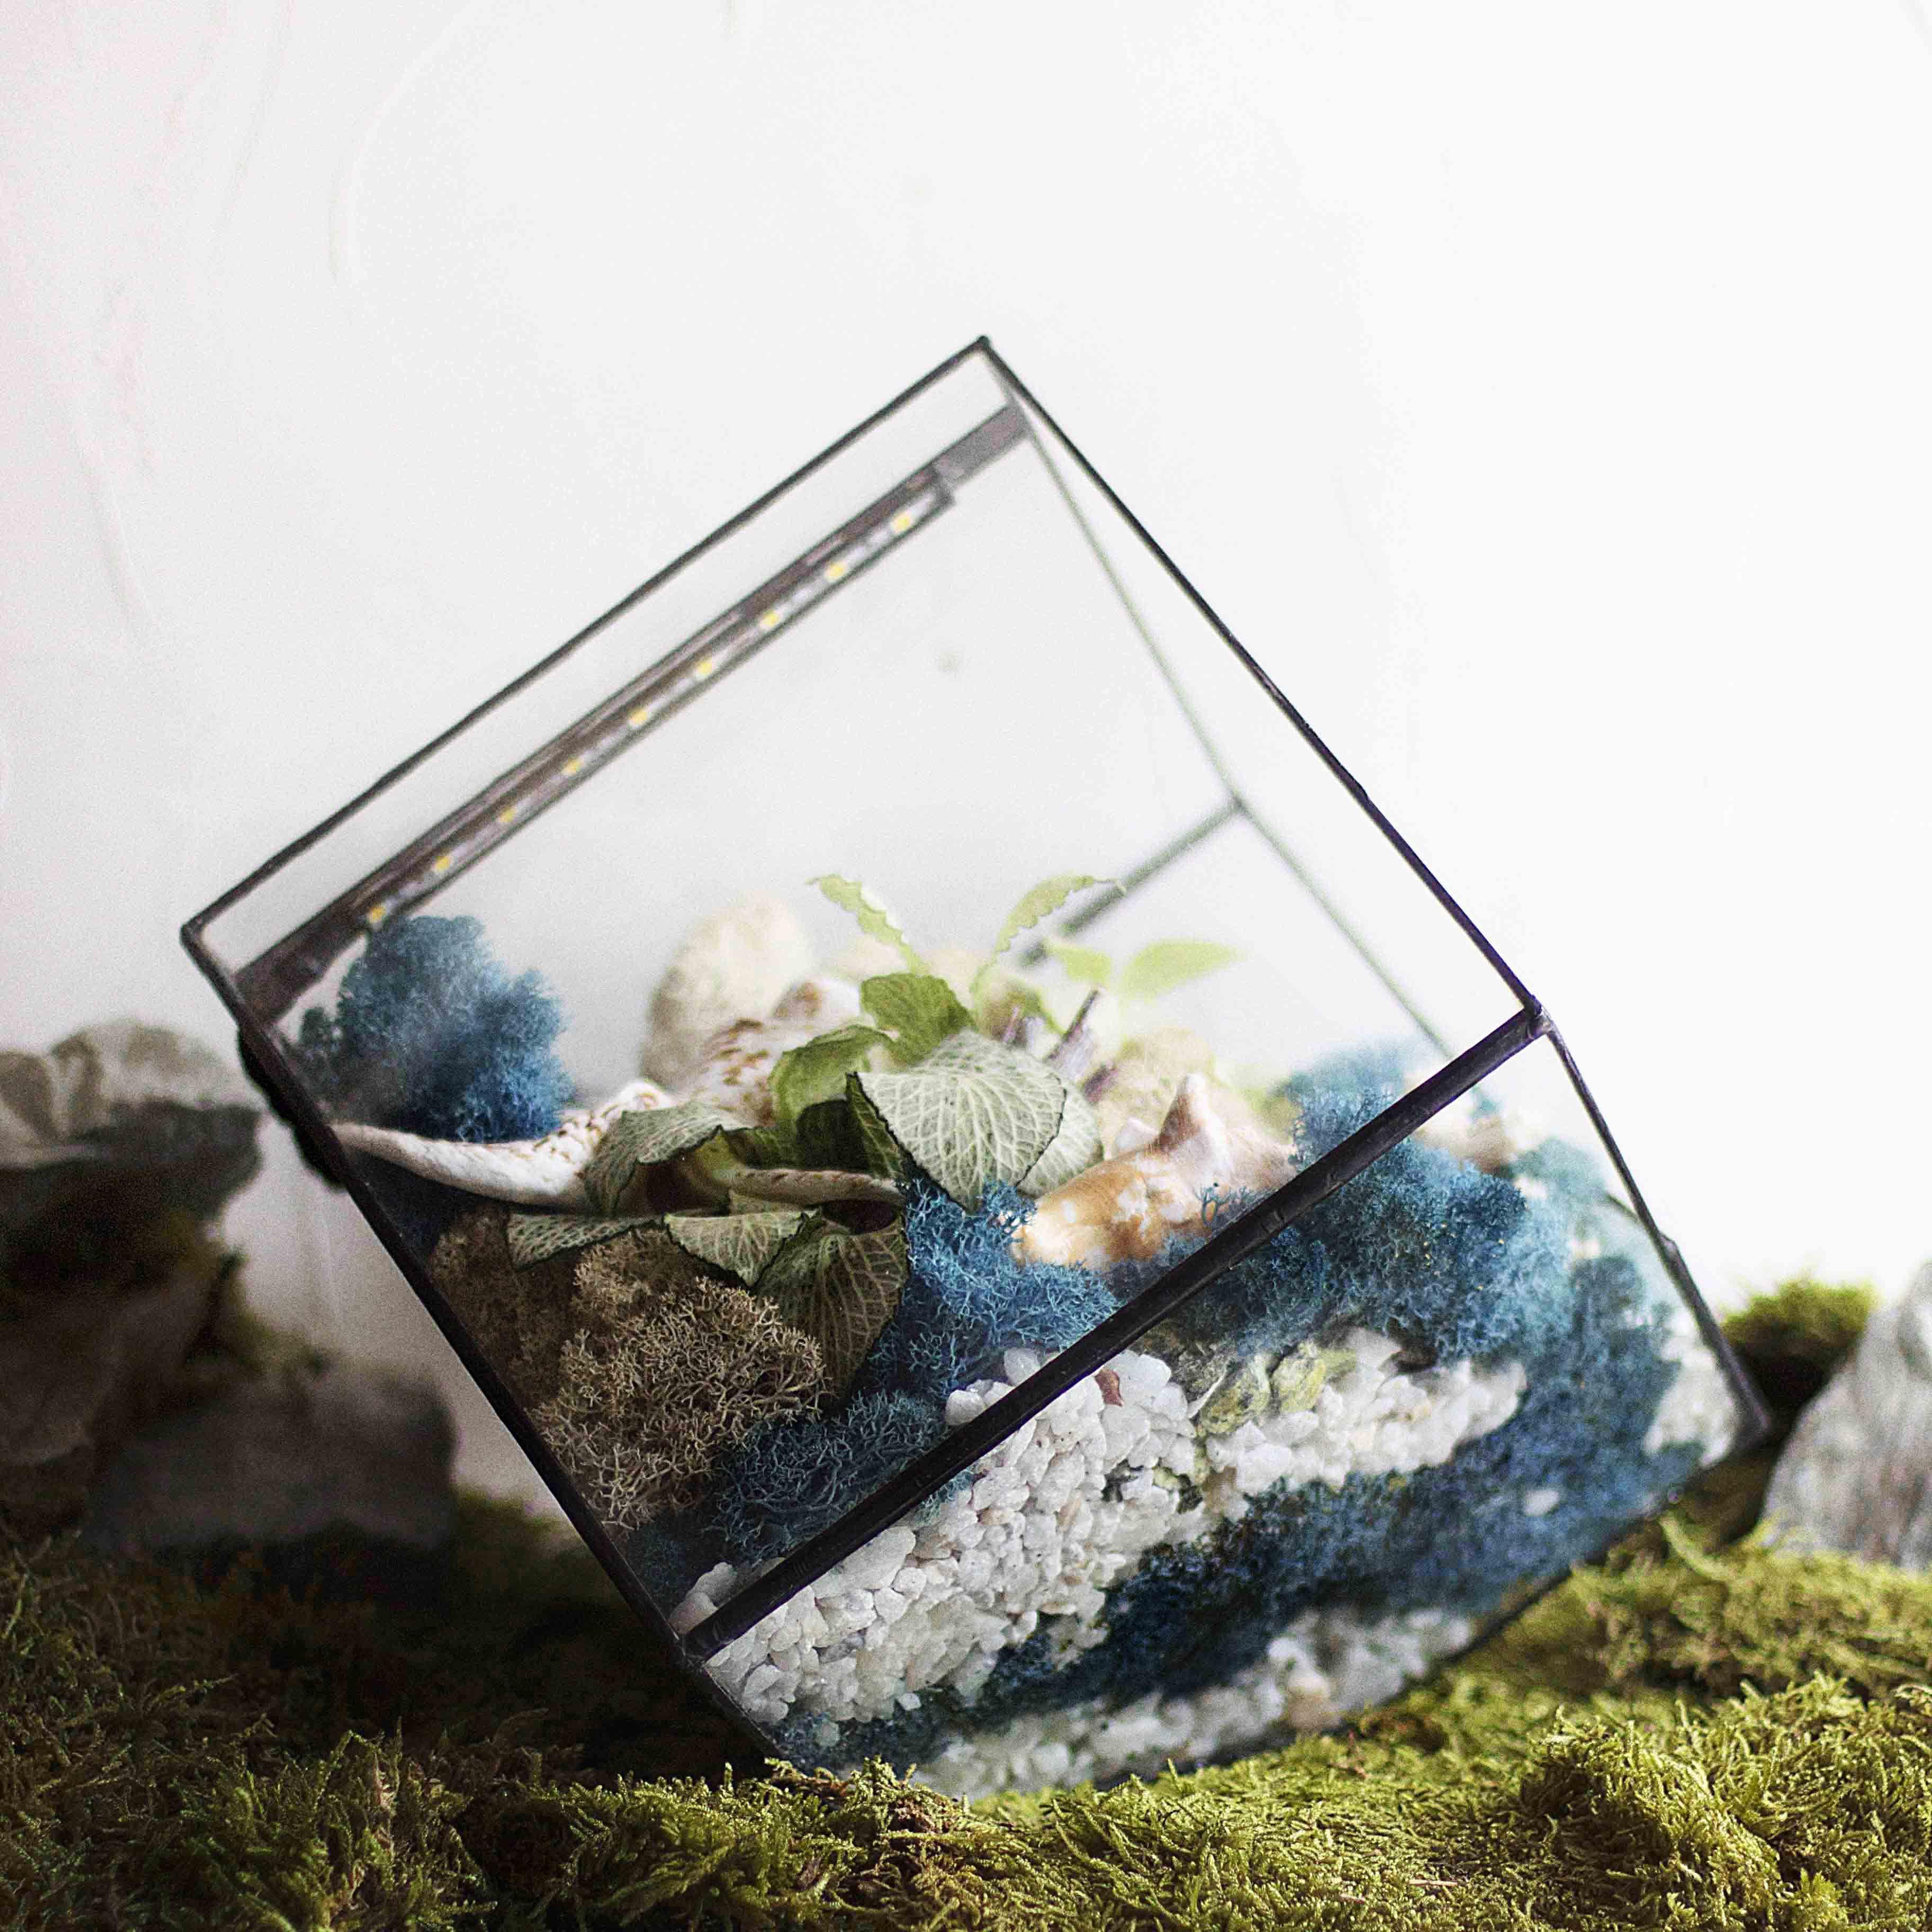 растения стекло лампа флорариум светильник ночник gift свет геометрия подарок florarium plant glass geometric